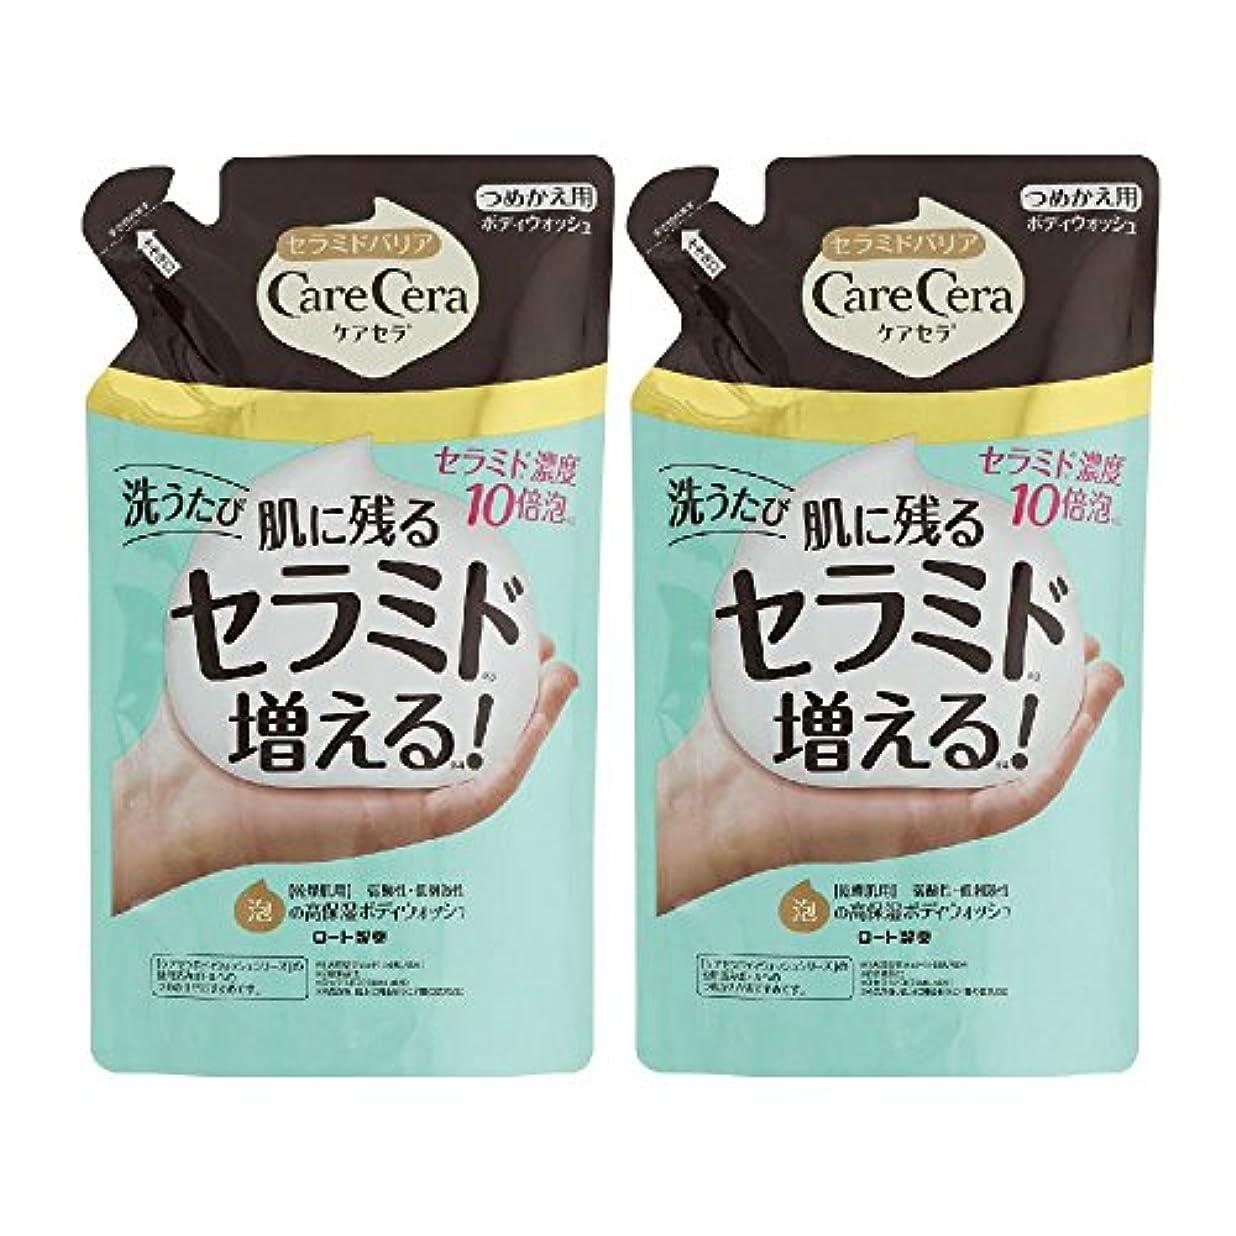 数弾薬静めるケアセラ (CareCera) 泡の高保湿 ボディウォッシュ ピュアフローラルの香り (つめかえ用) 350mL×2個 ※セバメドモイスチャーローション10mlサンプル付き